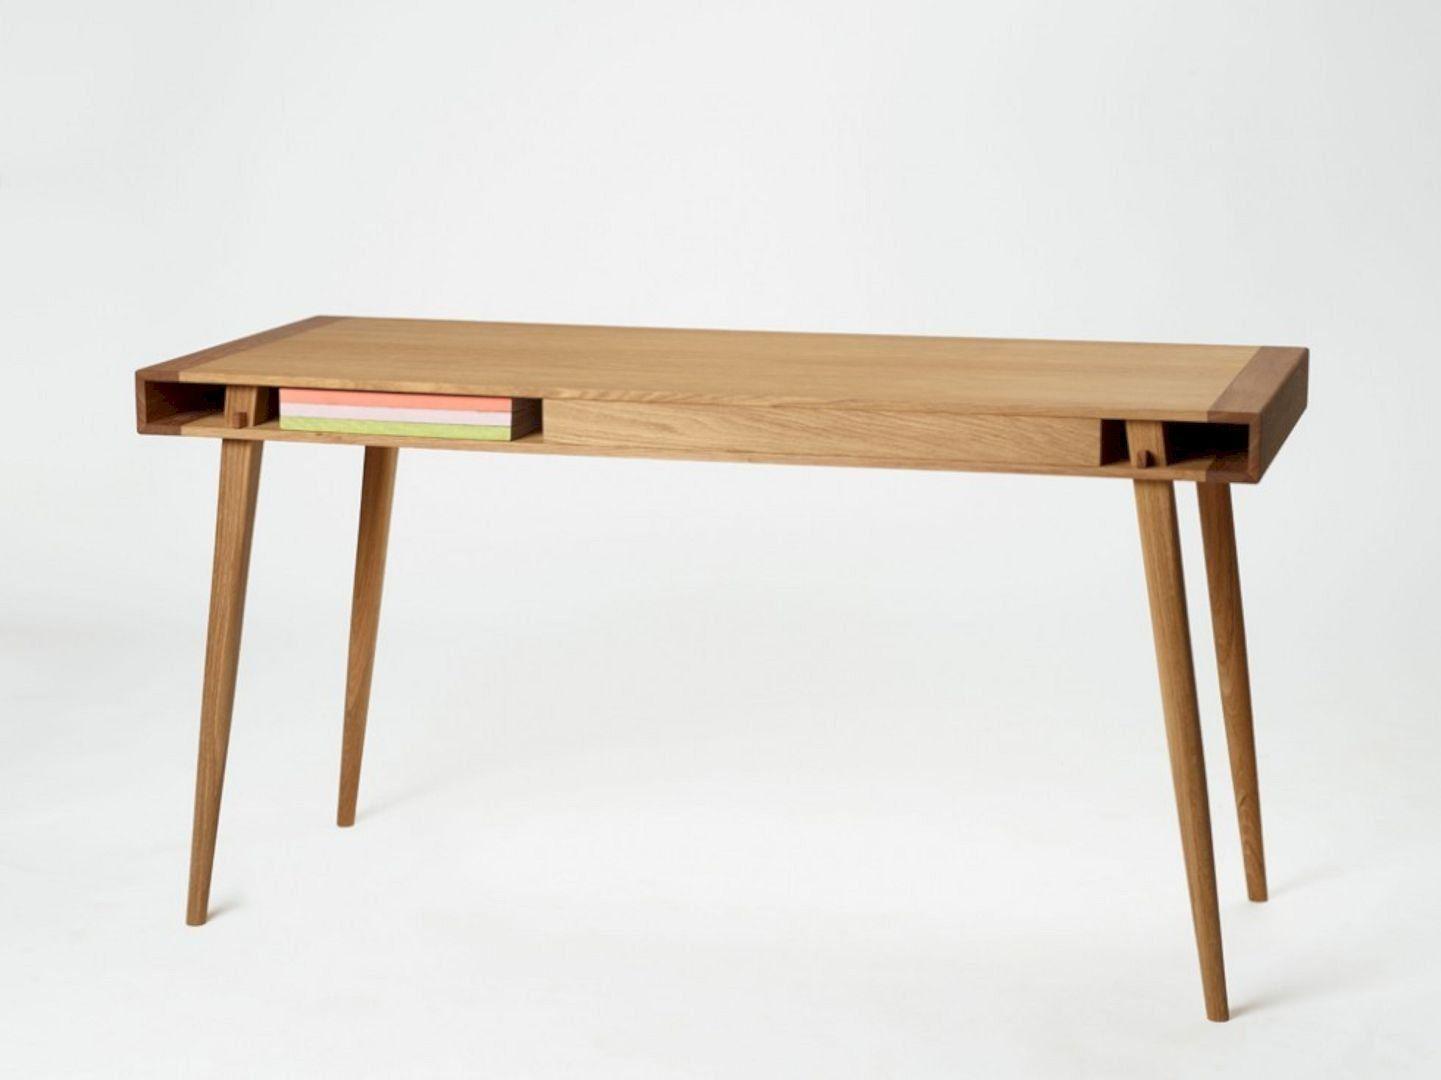 Bureau Scandinavisch Design.Beautiful Modern Scandinavian Table Designs Gorgeous Furniture